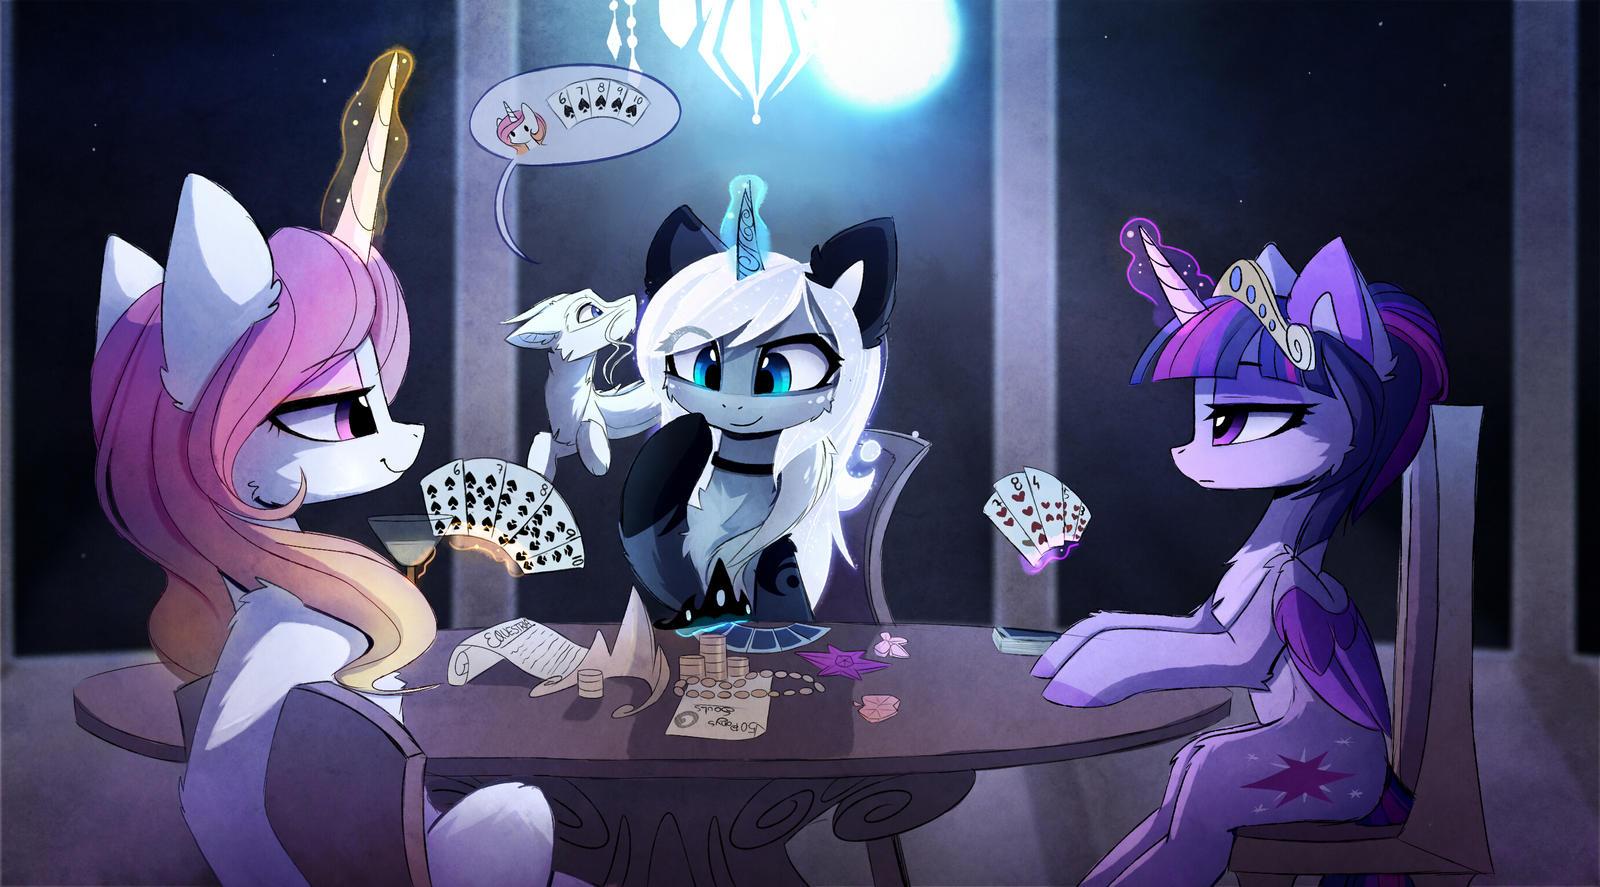 poker_night_by_magnaluna-dbszekv.jpg